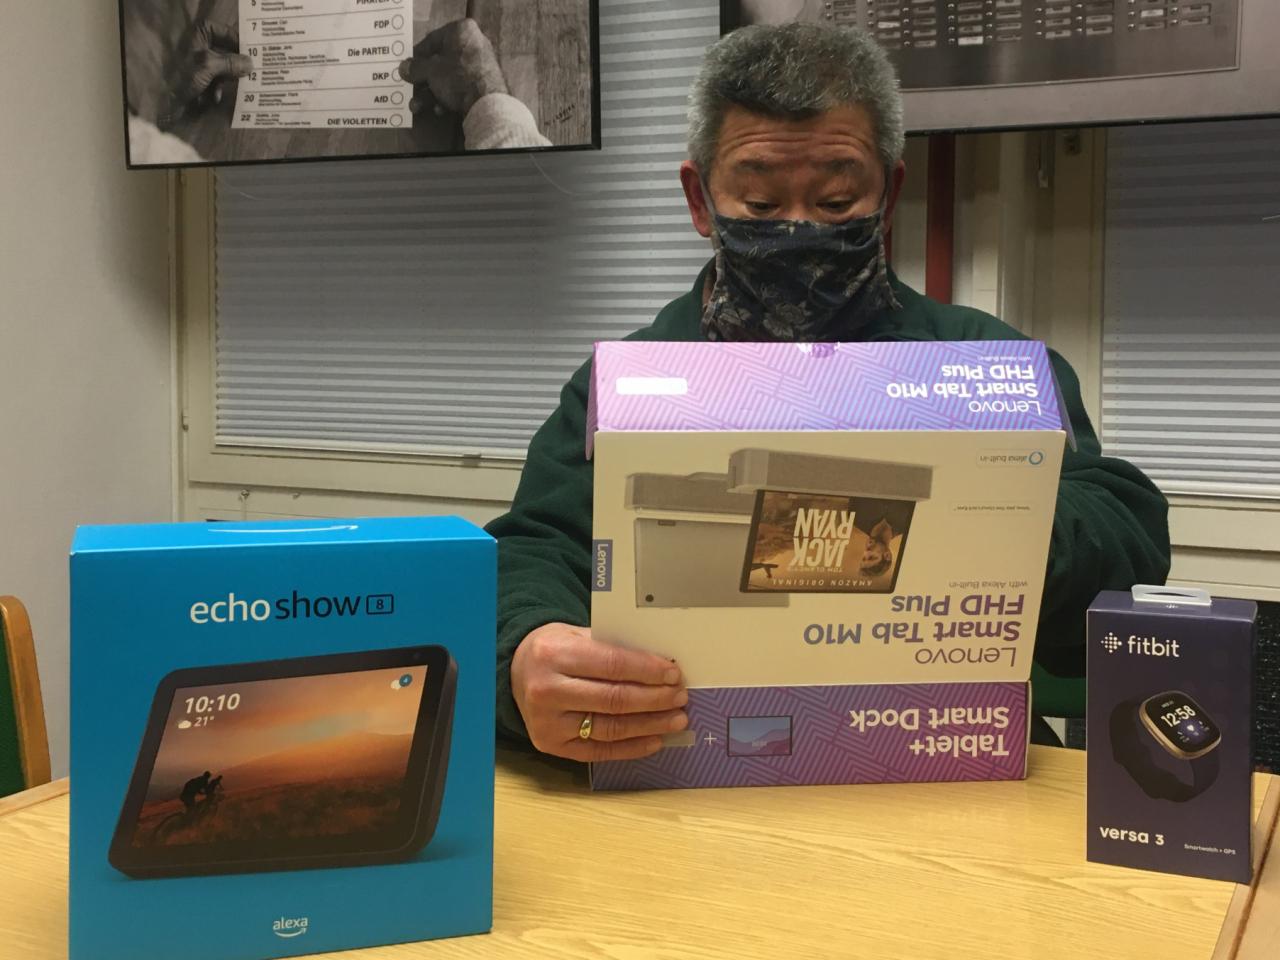 Mann packt ein Tablet aus einem Karton